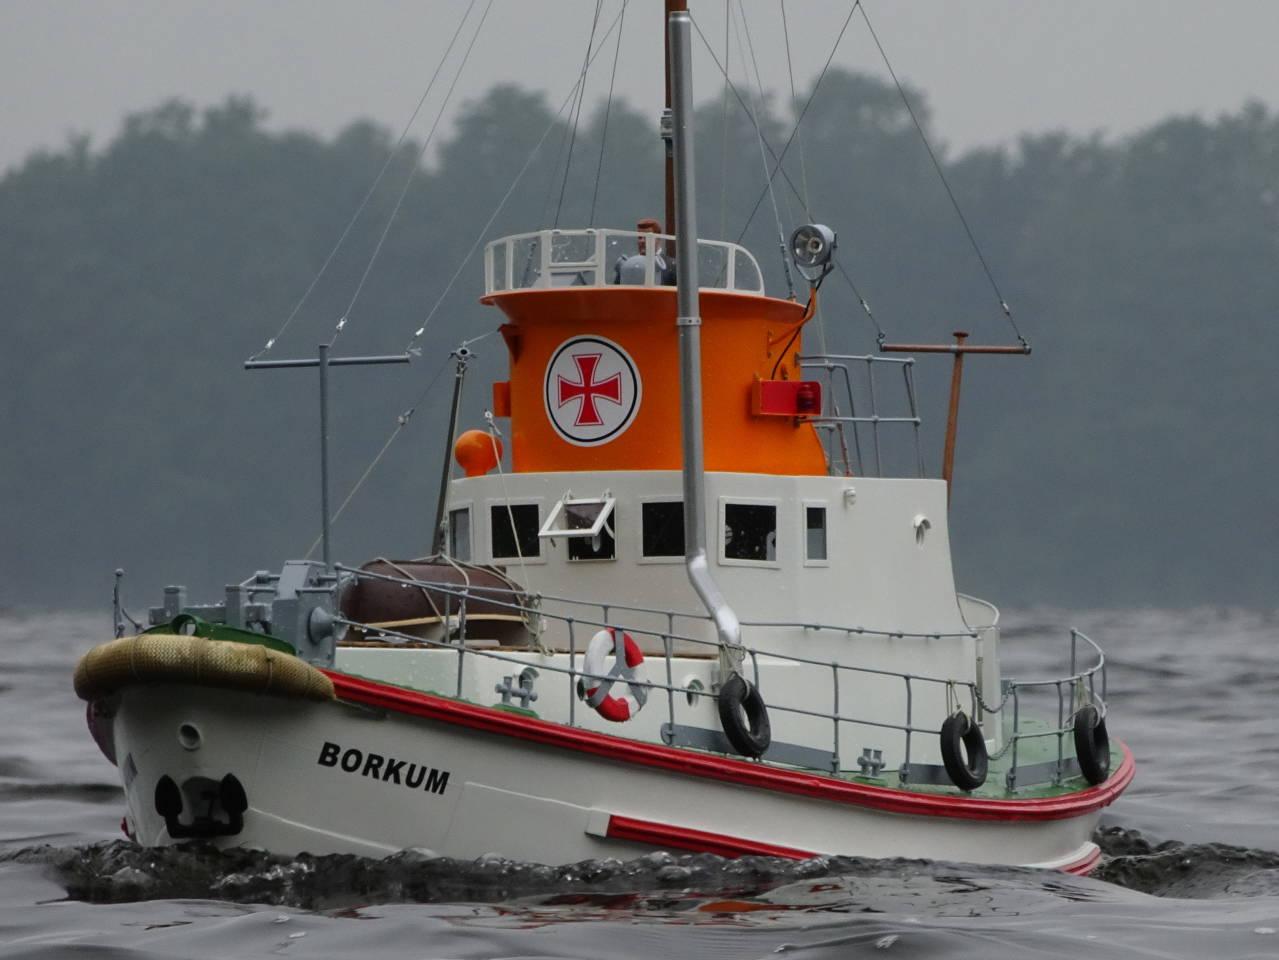 MRB Borkum